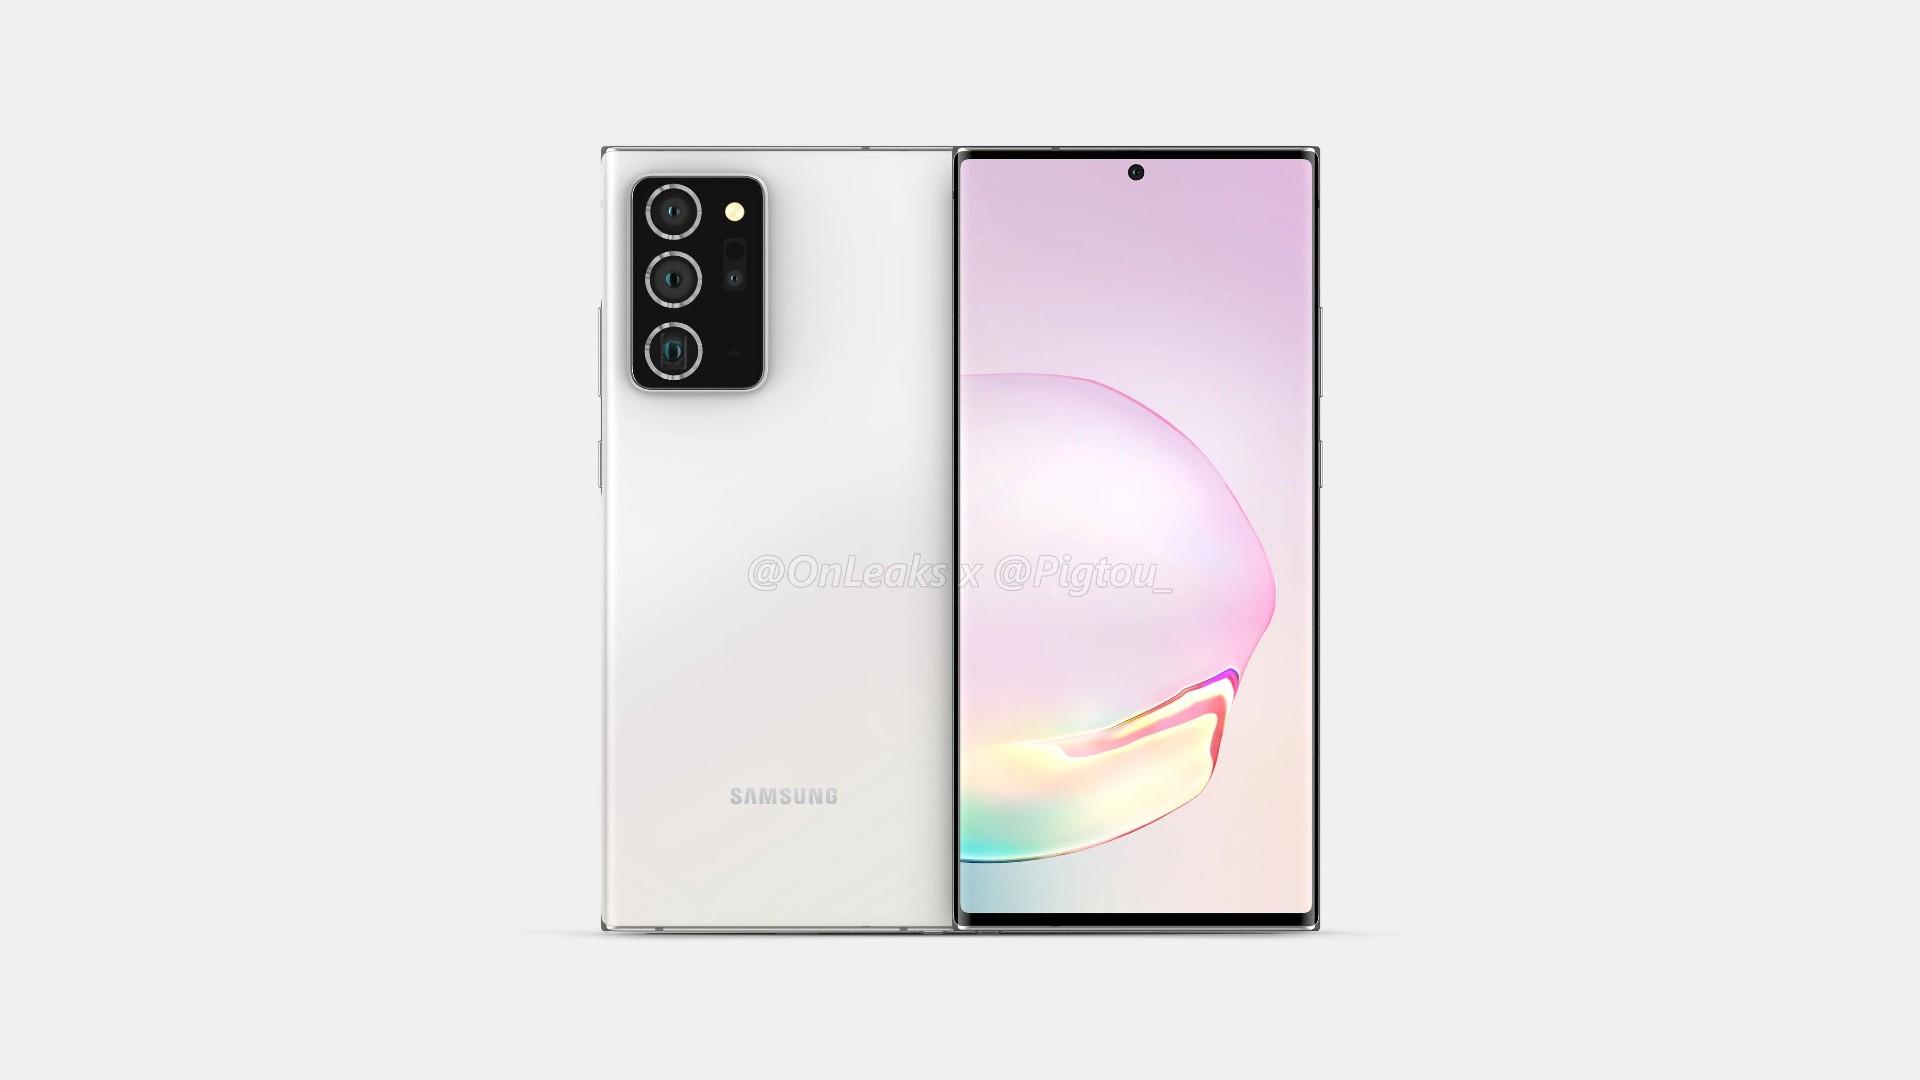 Samsung Galaxy Note 20 Renders 2